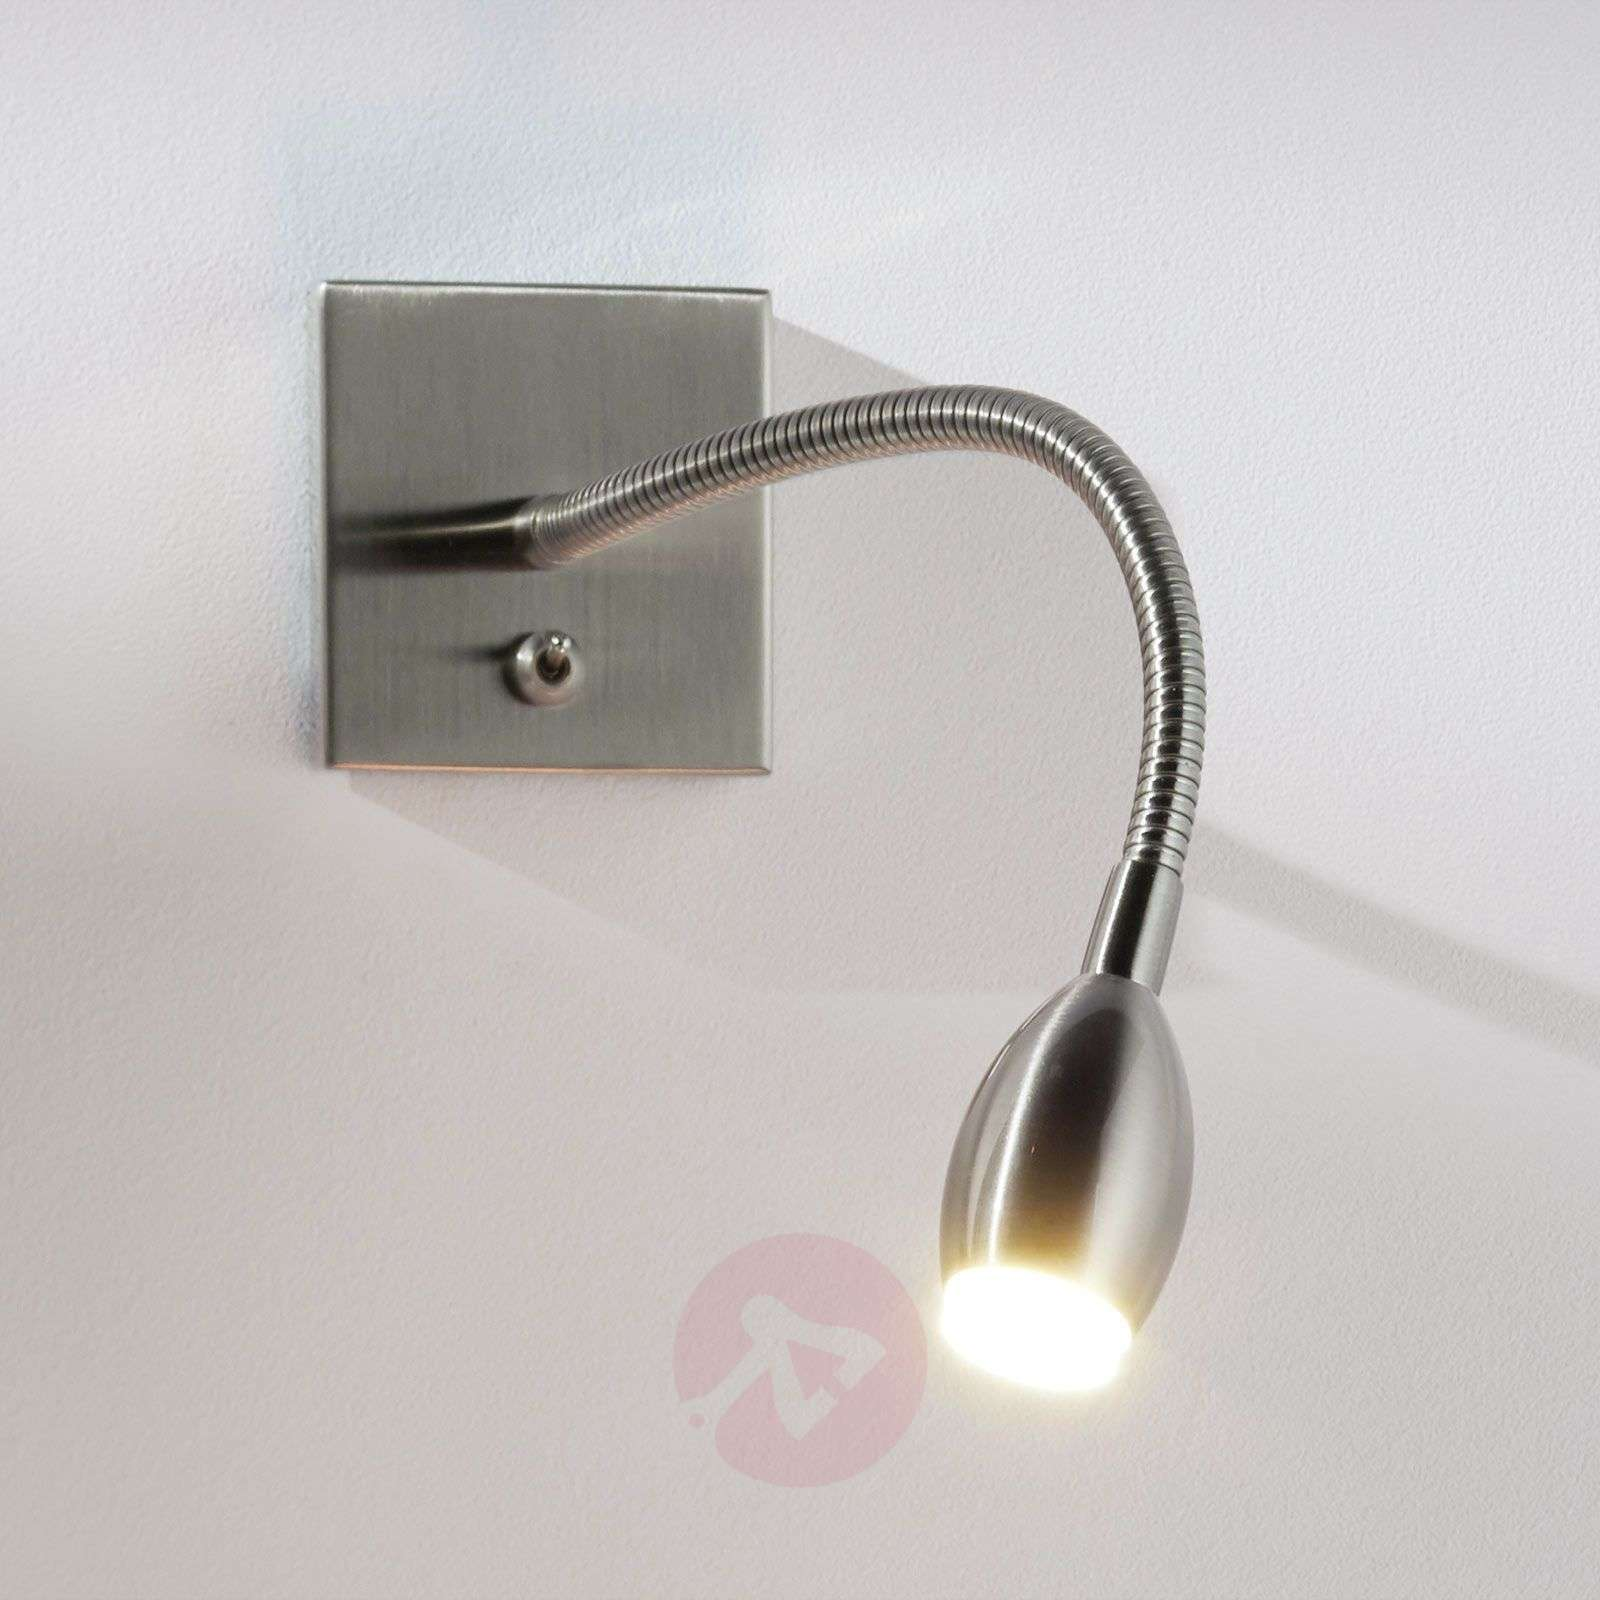 LED-seinävalaisin PILAR säätövarrella, nikkeli-1050007-02